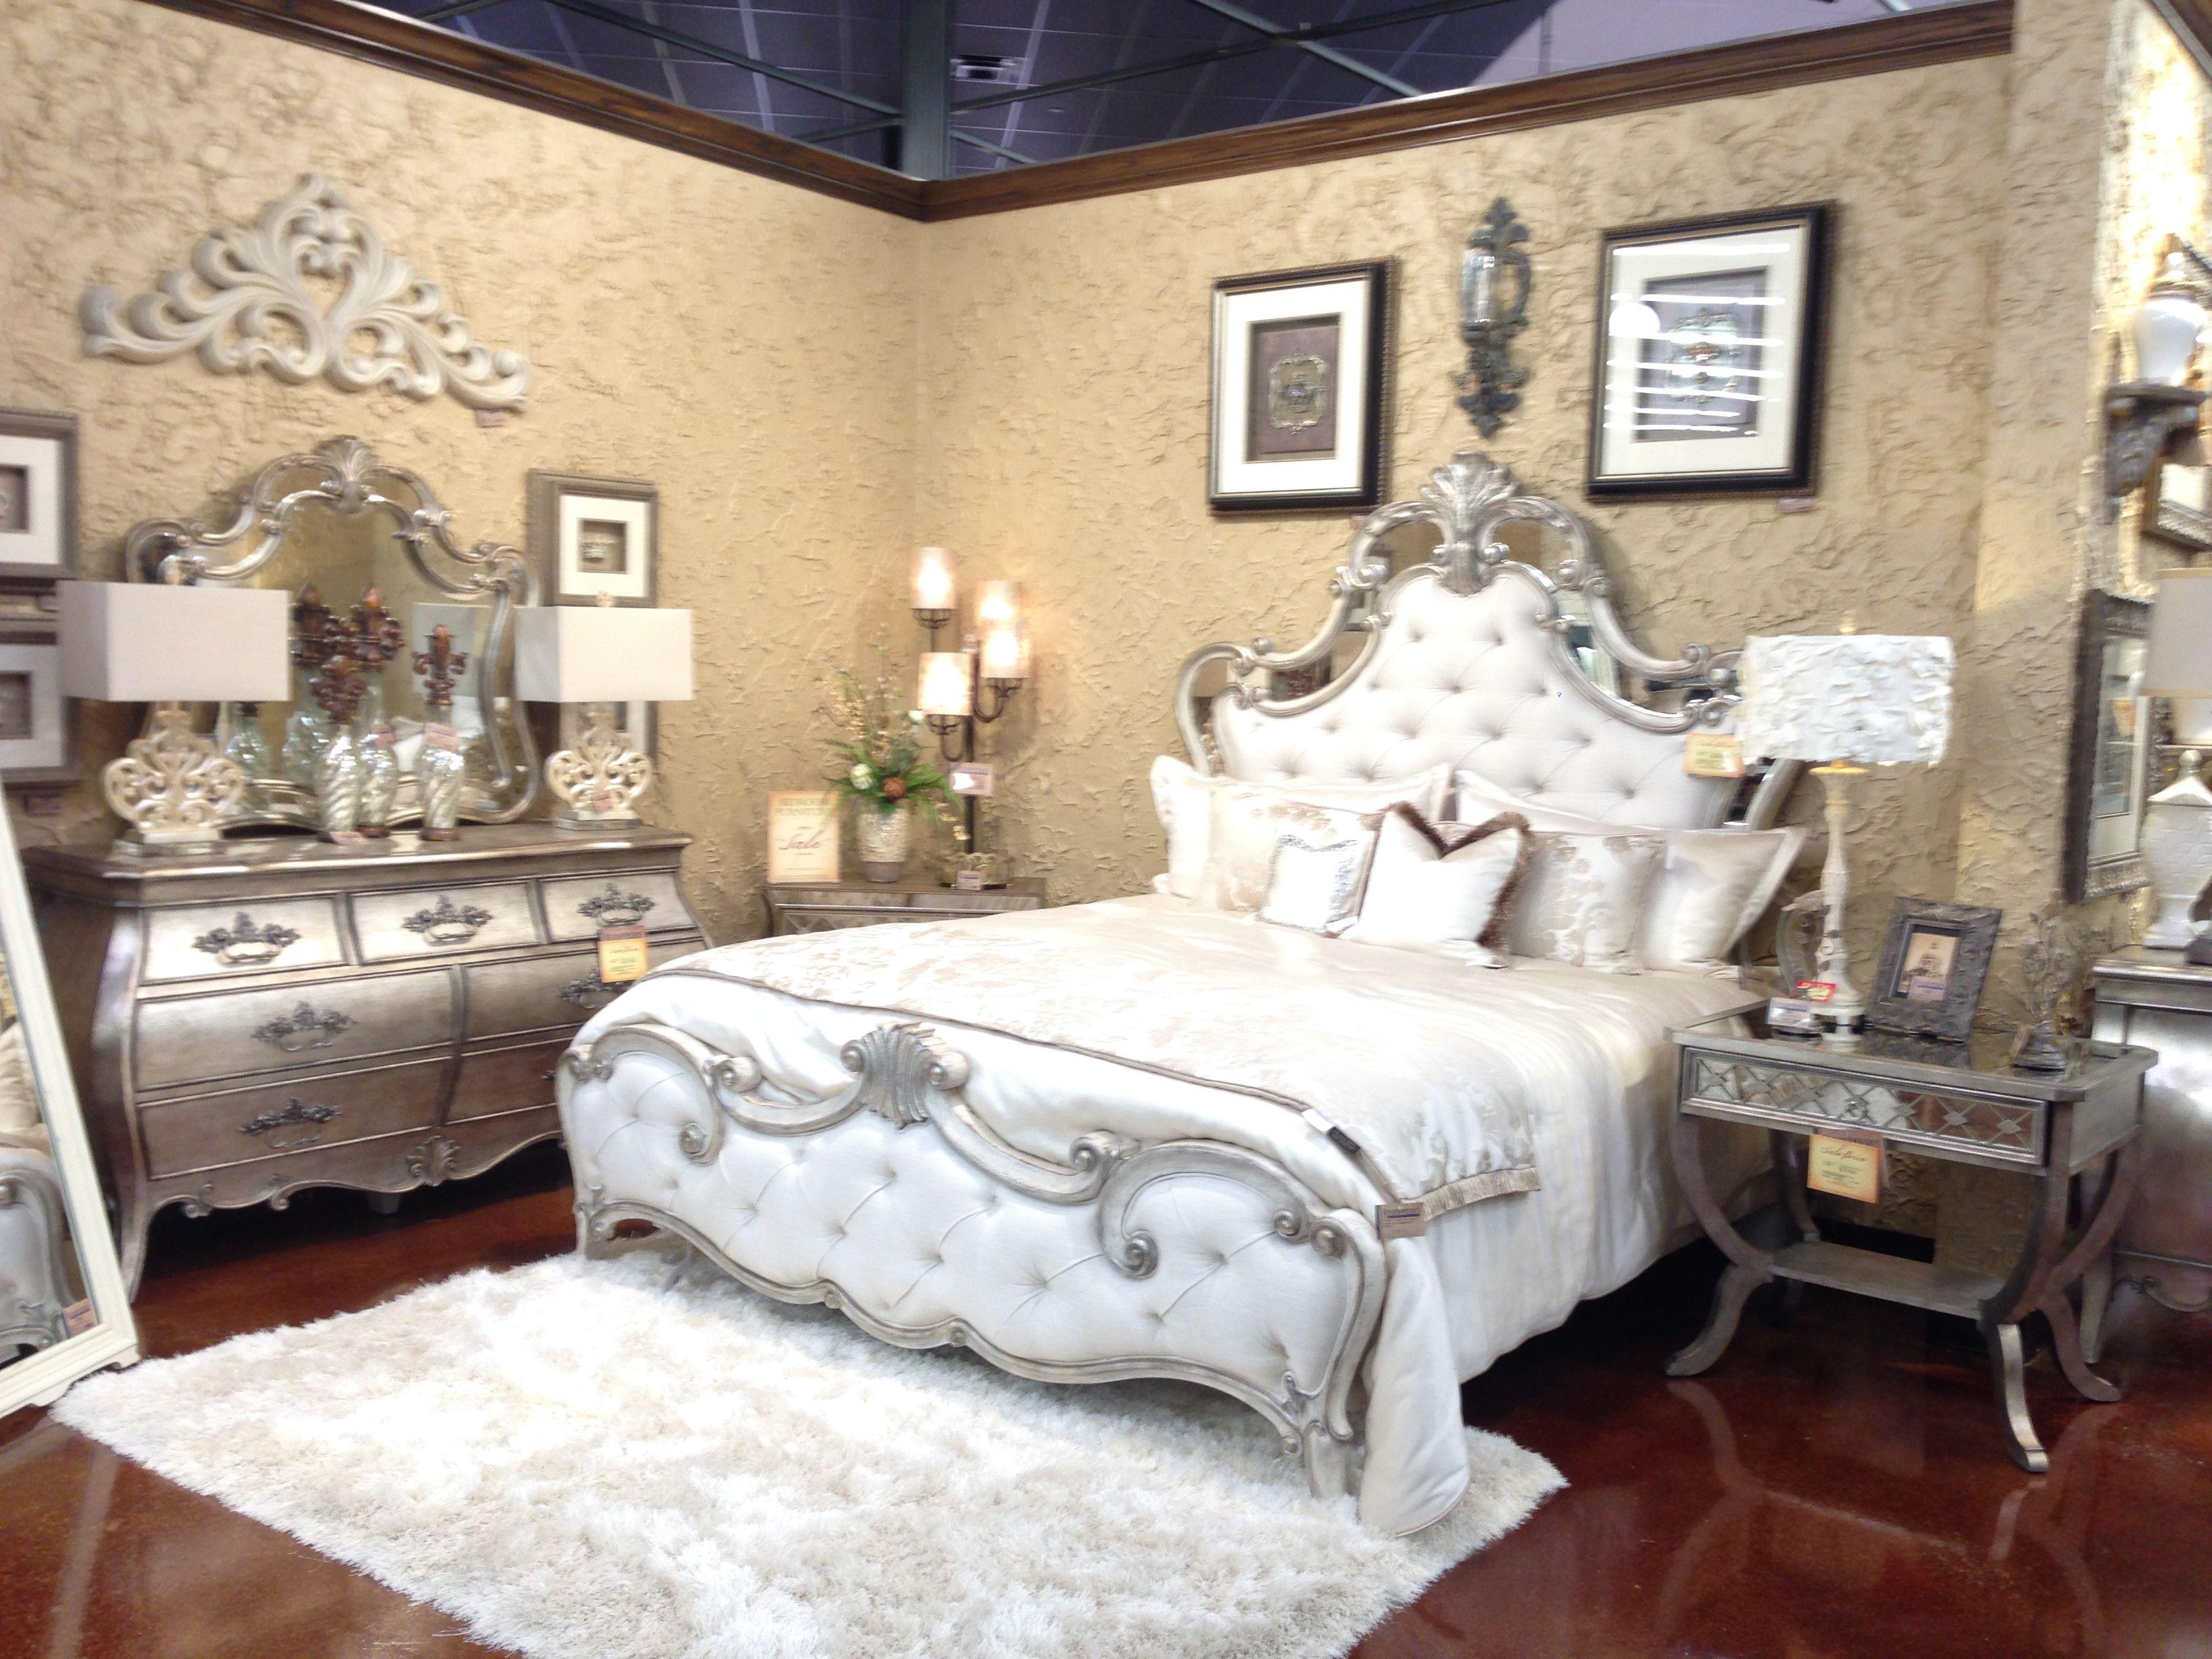 Hooker Furniture Sanctuary Bardot King Upholstered Bed 5413